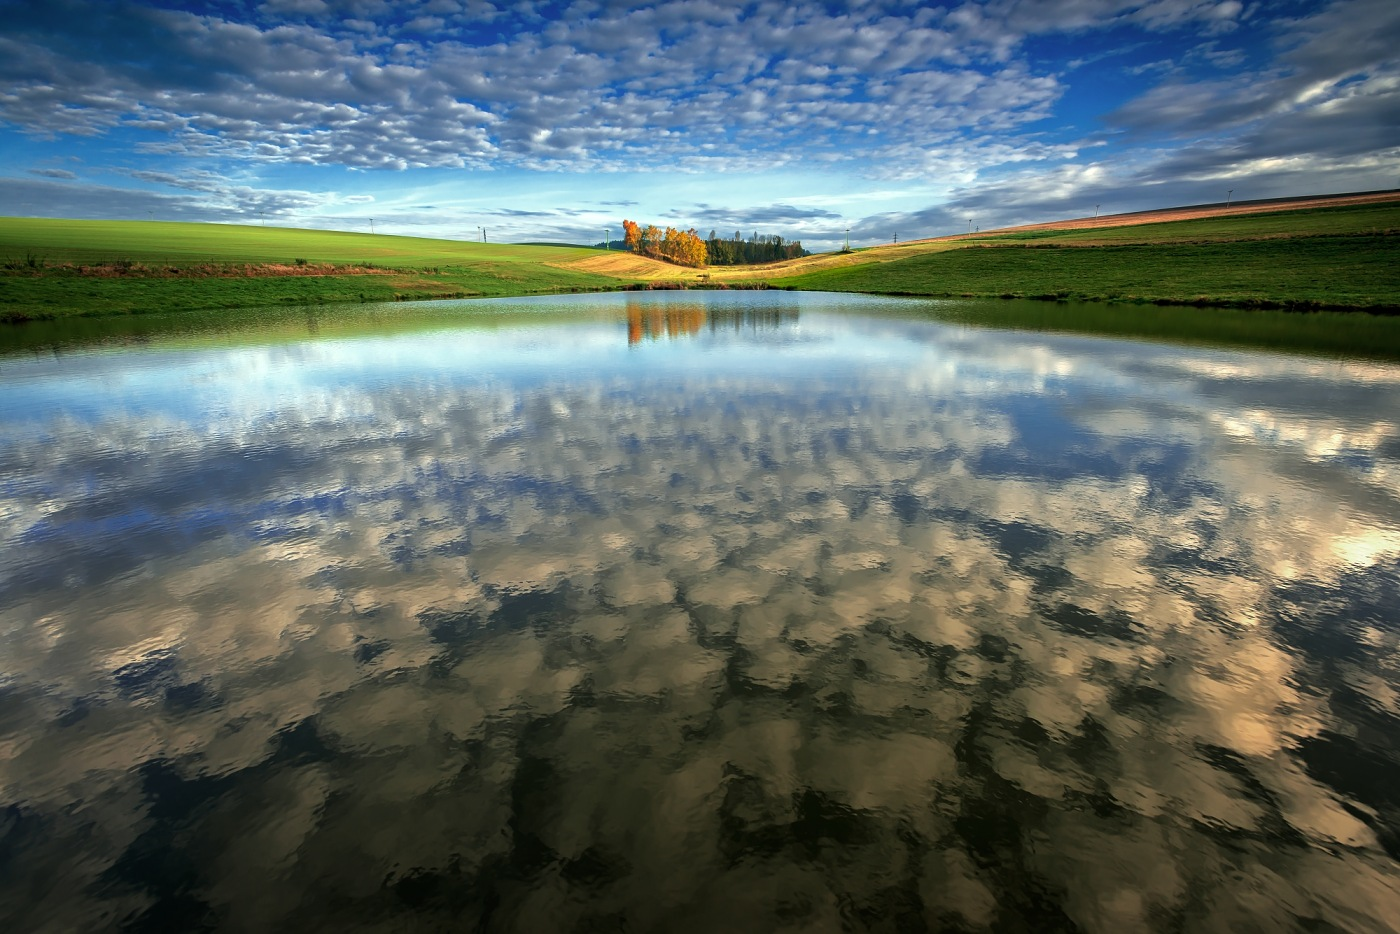 Sedlákův rybník, Vysočina, Česká Republika. Nikon D600, Nikon 17-35mm f/2,8 AF-S, clona f/9, čas 1/60, ohnisko 17 mm, polarizační filtr VFFOTO PS US 77mm